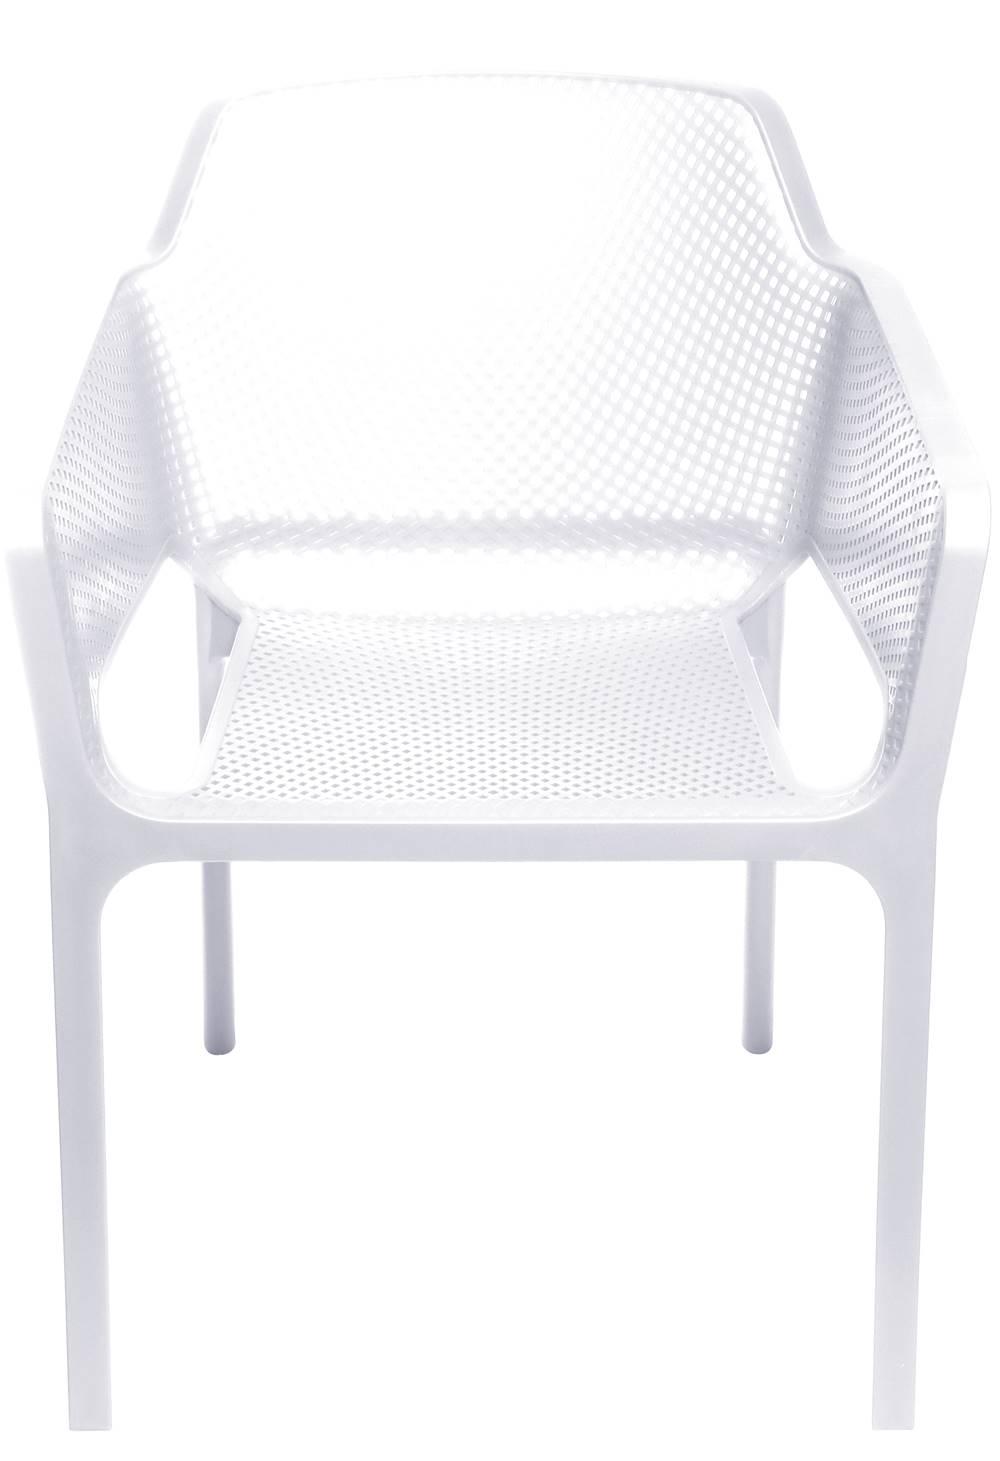 Cadeira Net Nard Empilhavel Polipropileno com Braco cor Branco - 53565